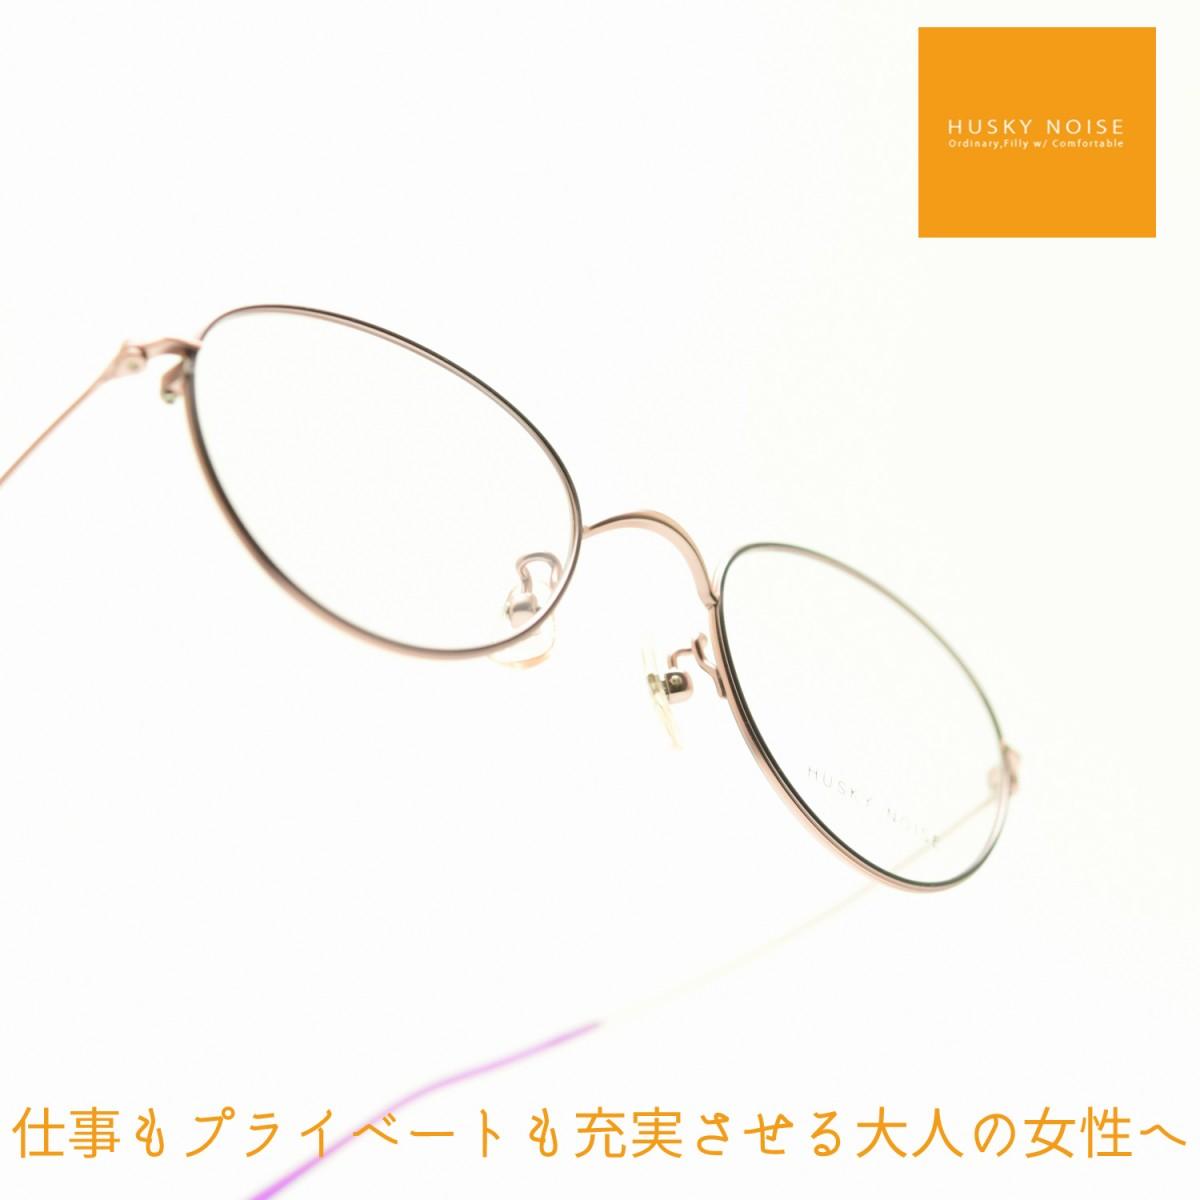 HUSKY NOISE ハスキーノイズH-187 col-2メガネ 眼鏡 めがね メンズ レディース おしゃれ ブランド 人気 おすすめ フレーム 流行り 度付き レンズ